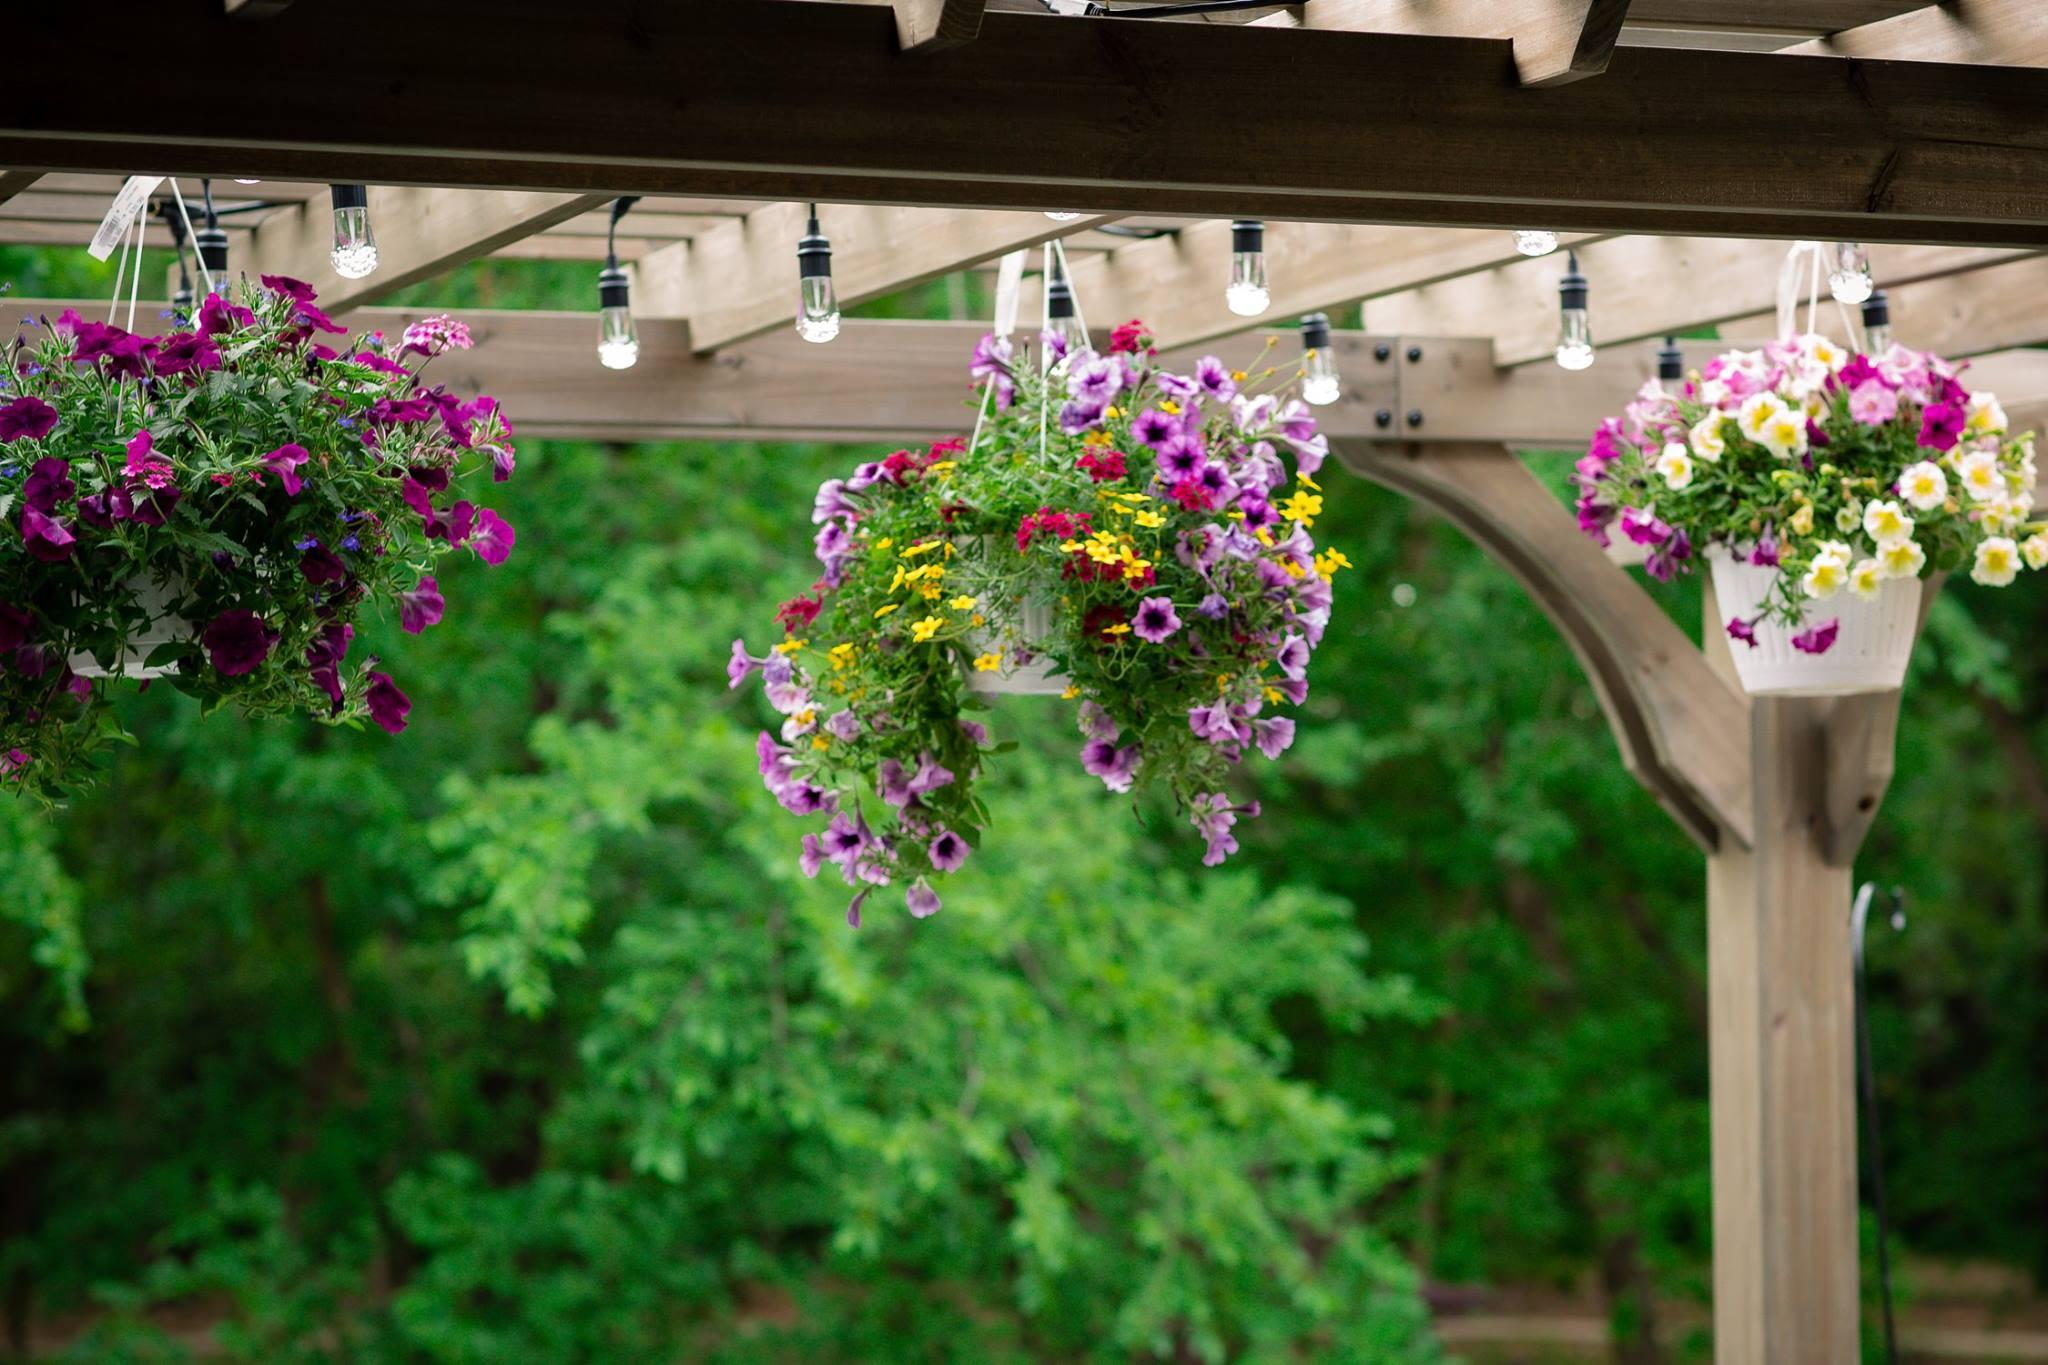 spring-cafe-lights-flowers